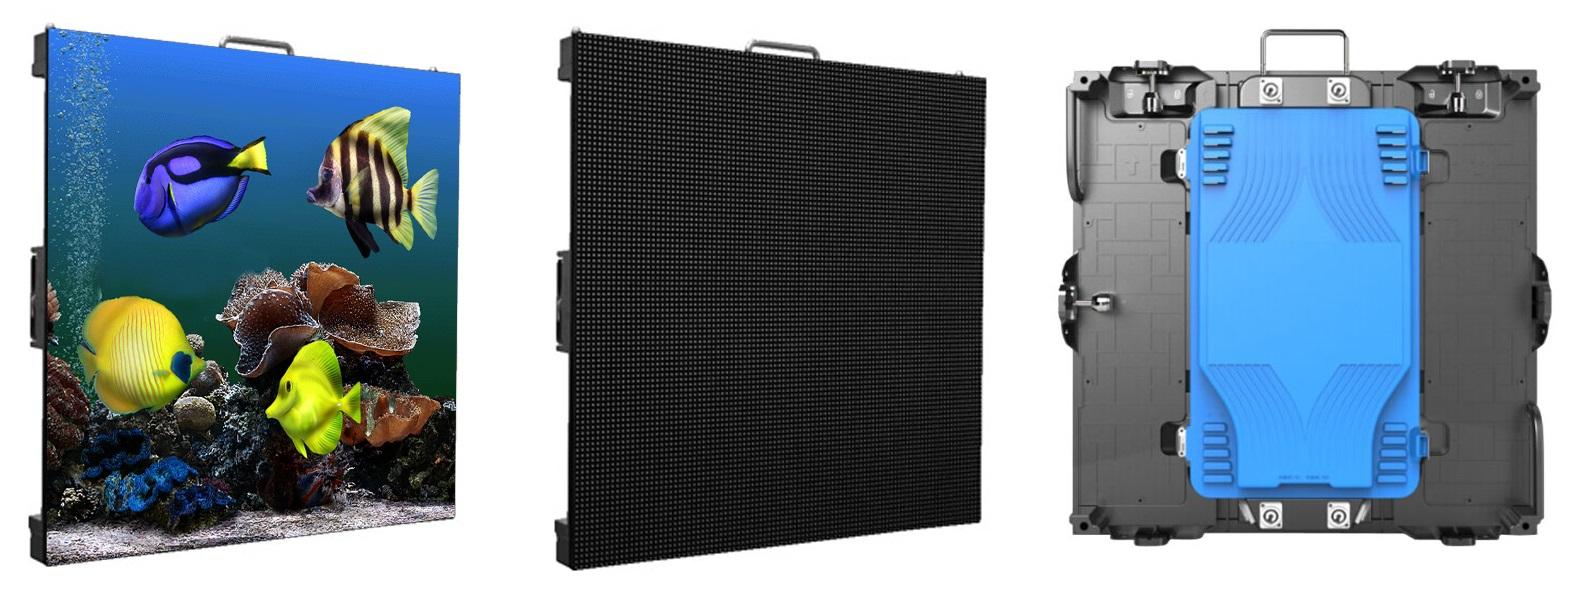 Cabinet màn hình LED P1.923 trong nhà